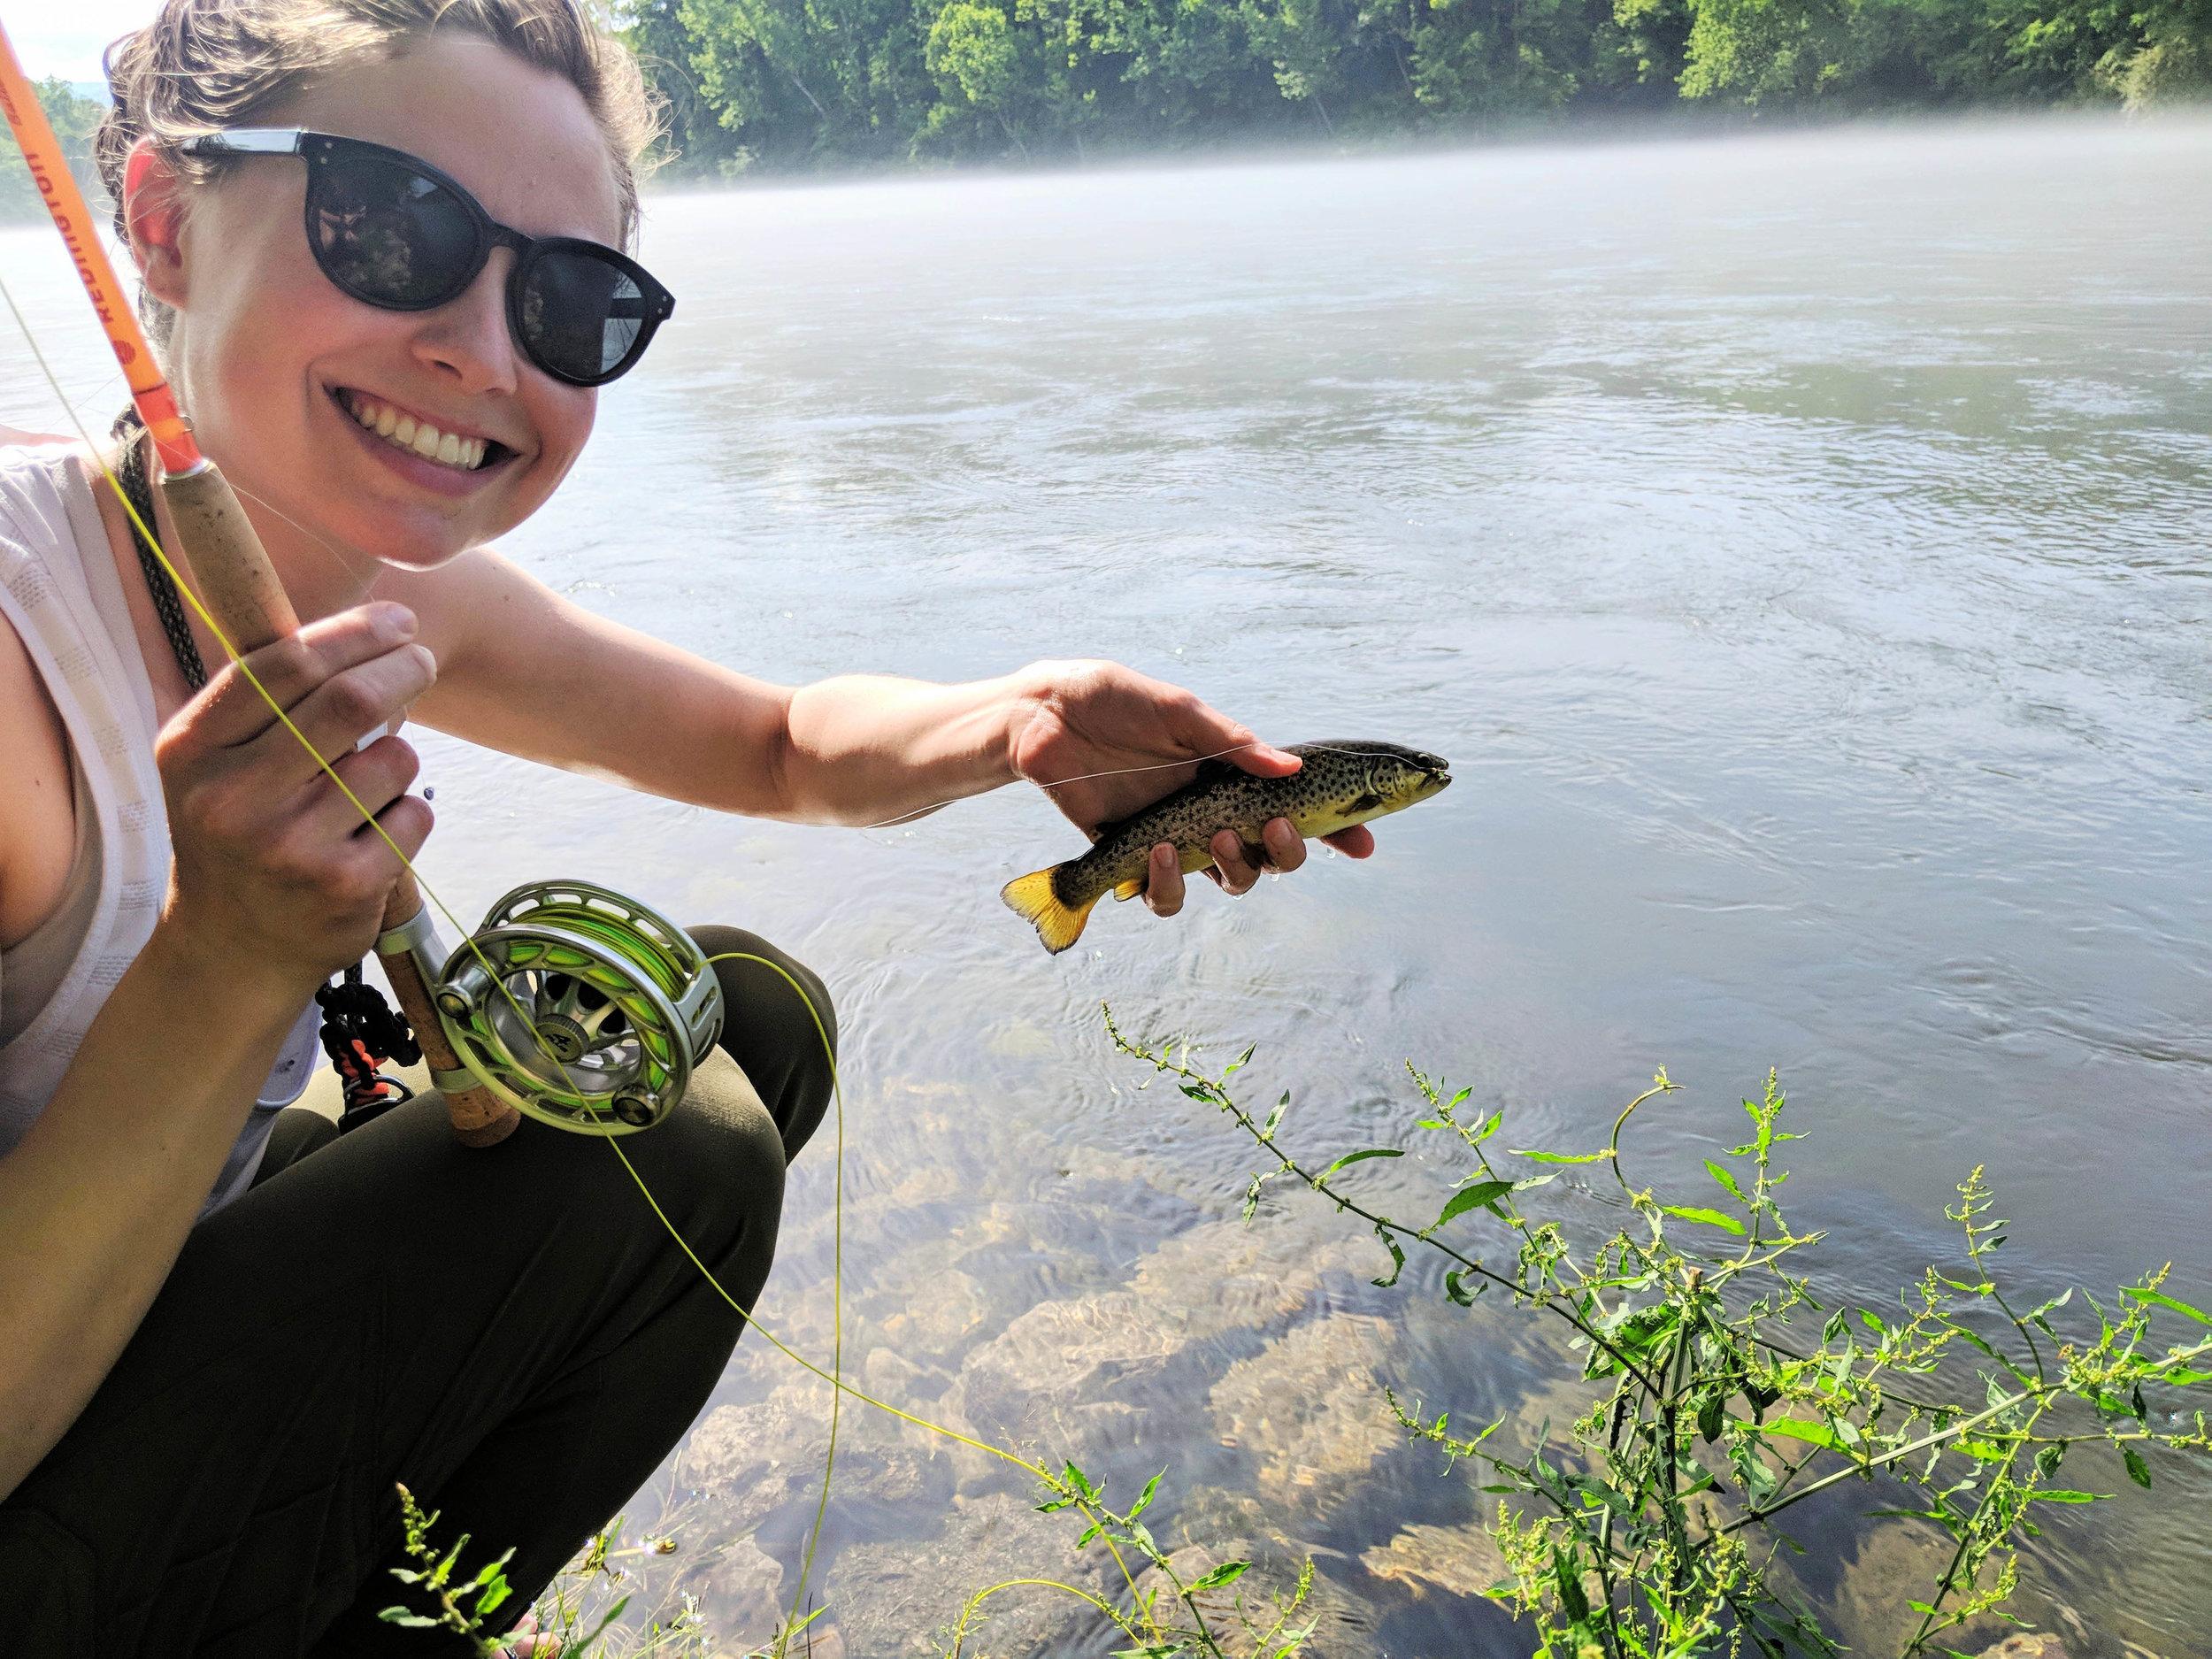 Kinsey w Fish.jpg